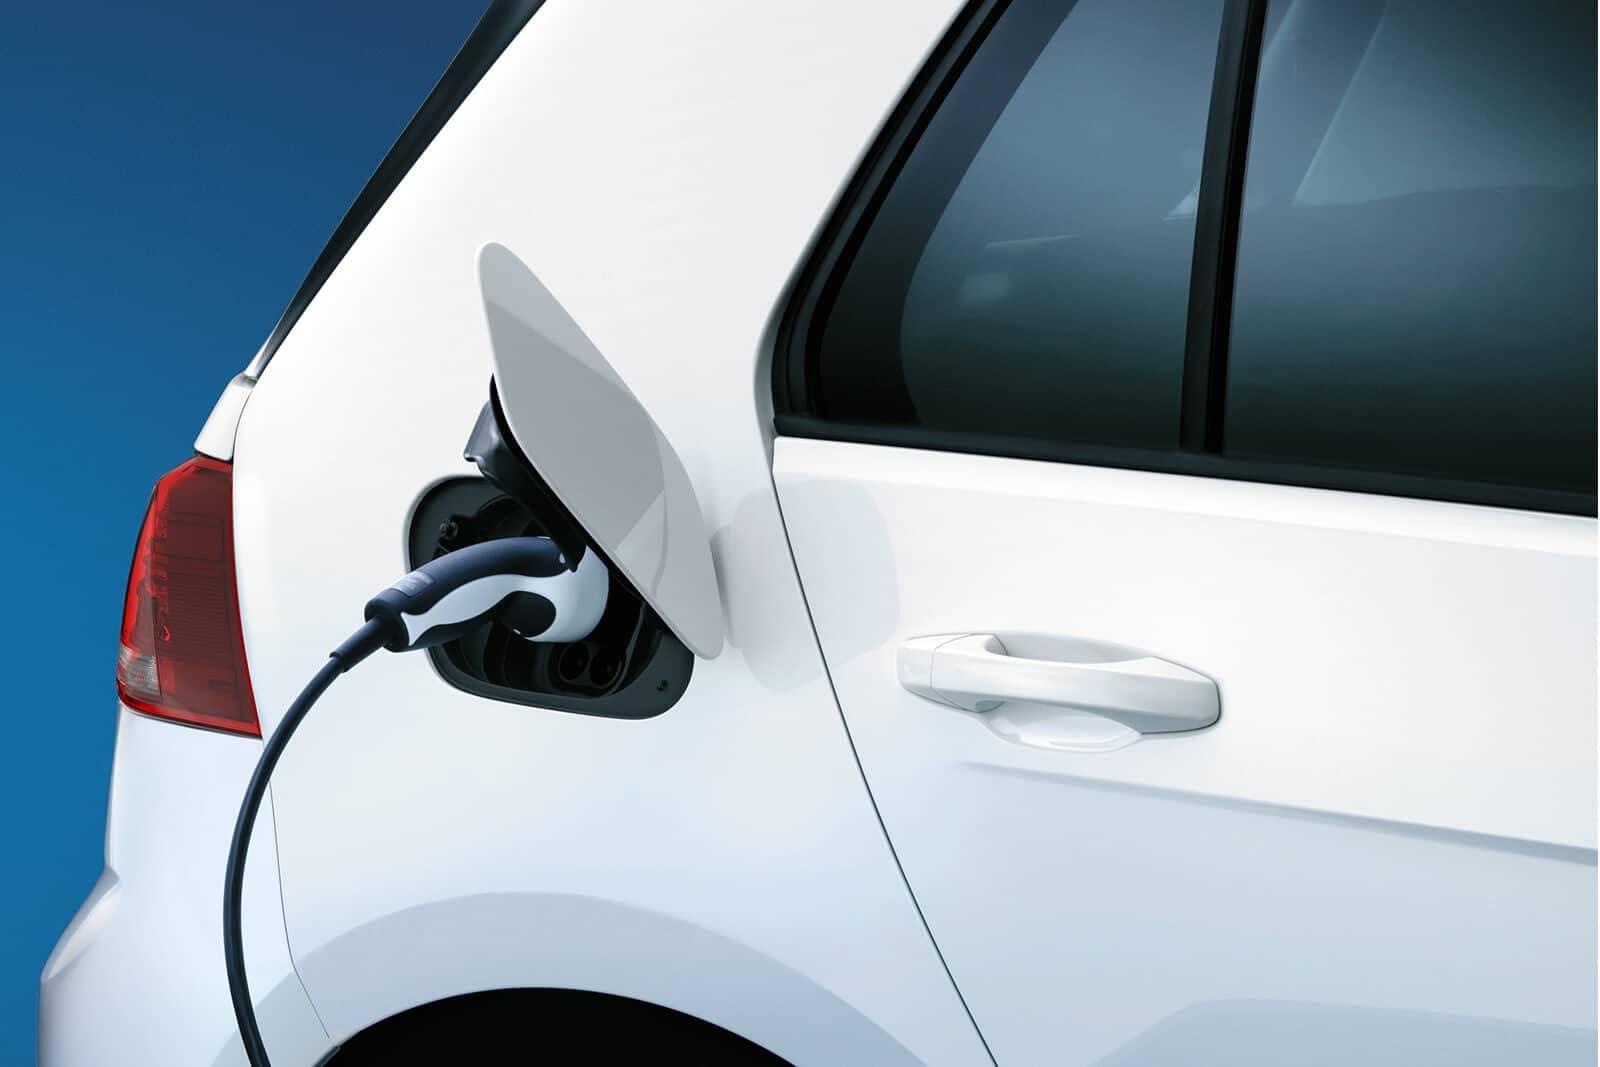 2019 Volkswagen e-Golf charging